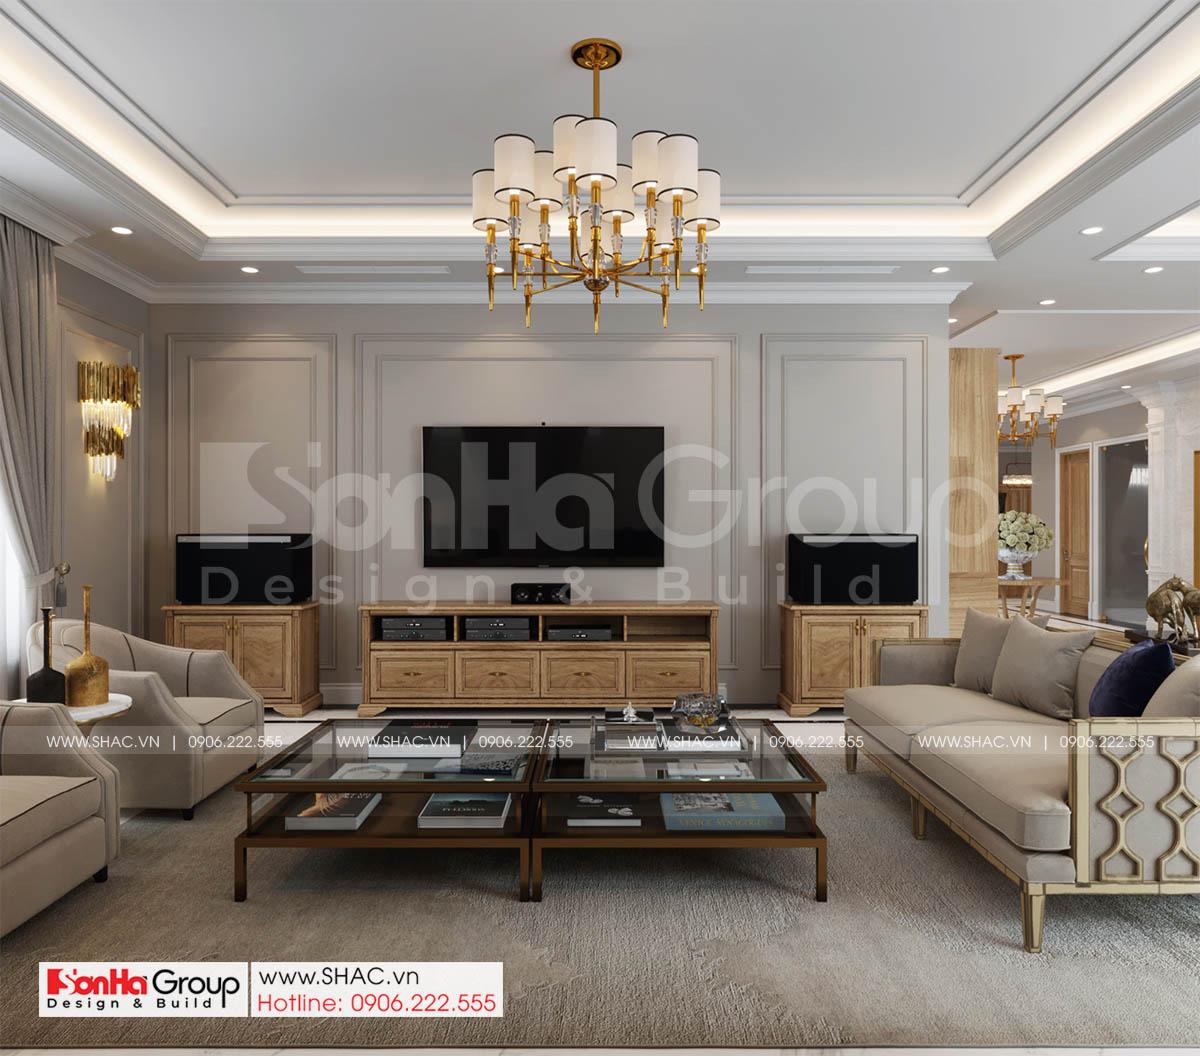 Phòng khách lịch sự và trang nhã của biệt thự tân cổ điển 4 tầng tại Sài Gòn